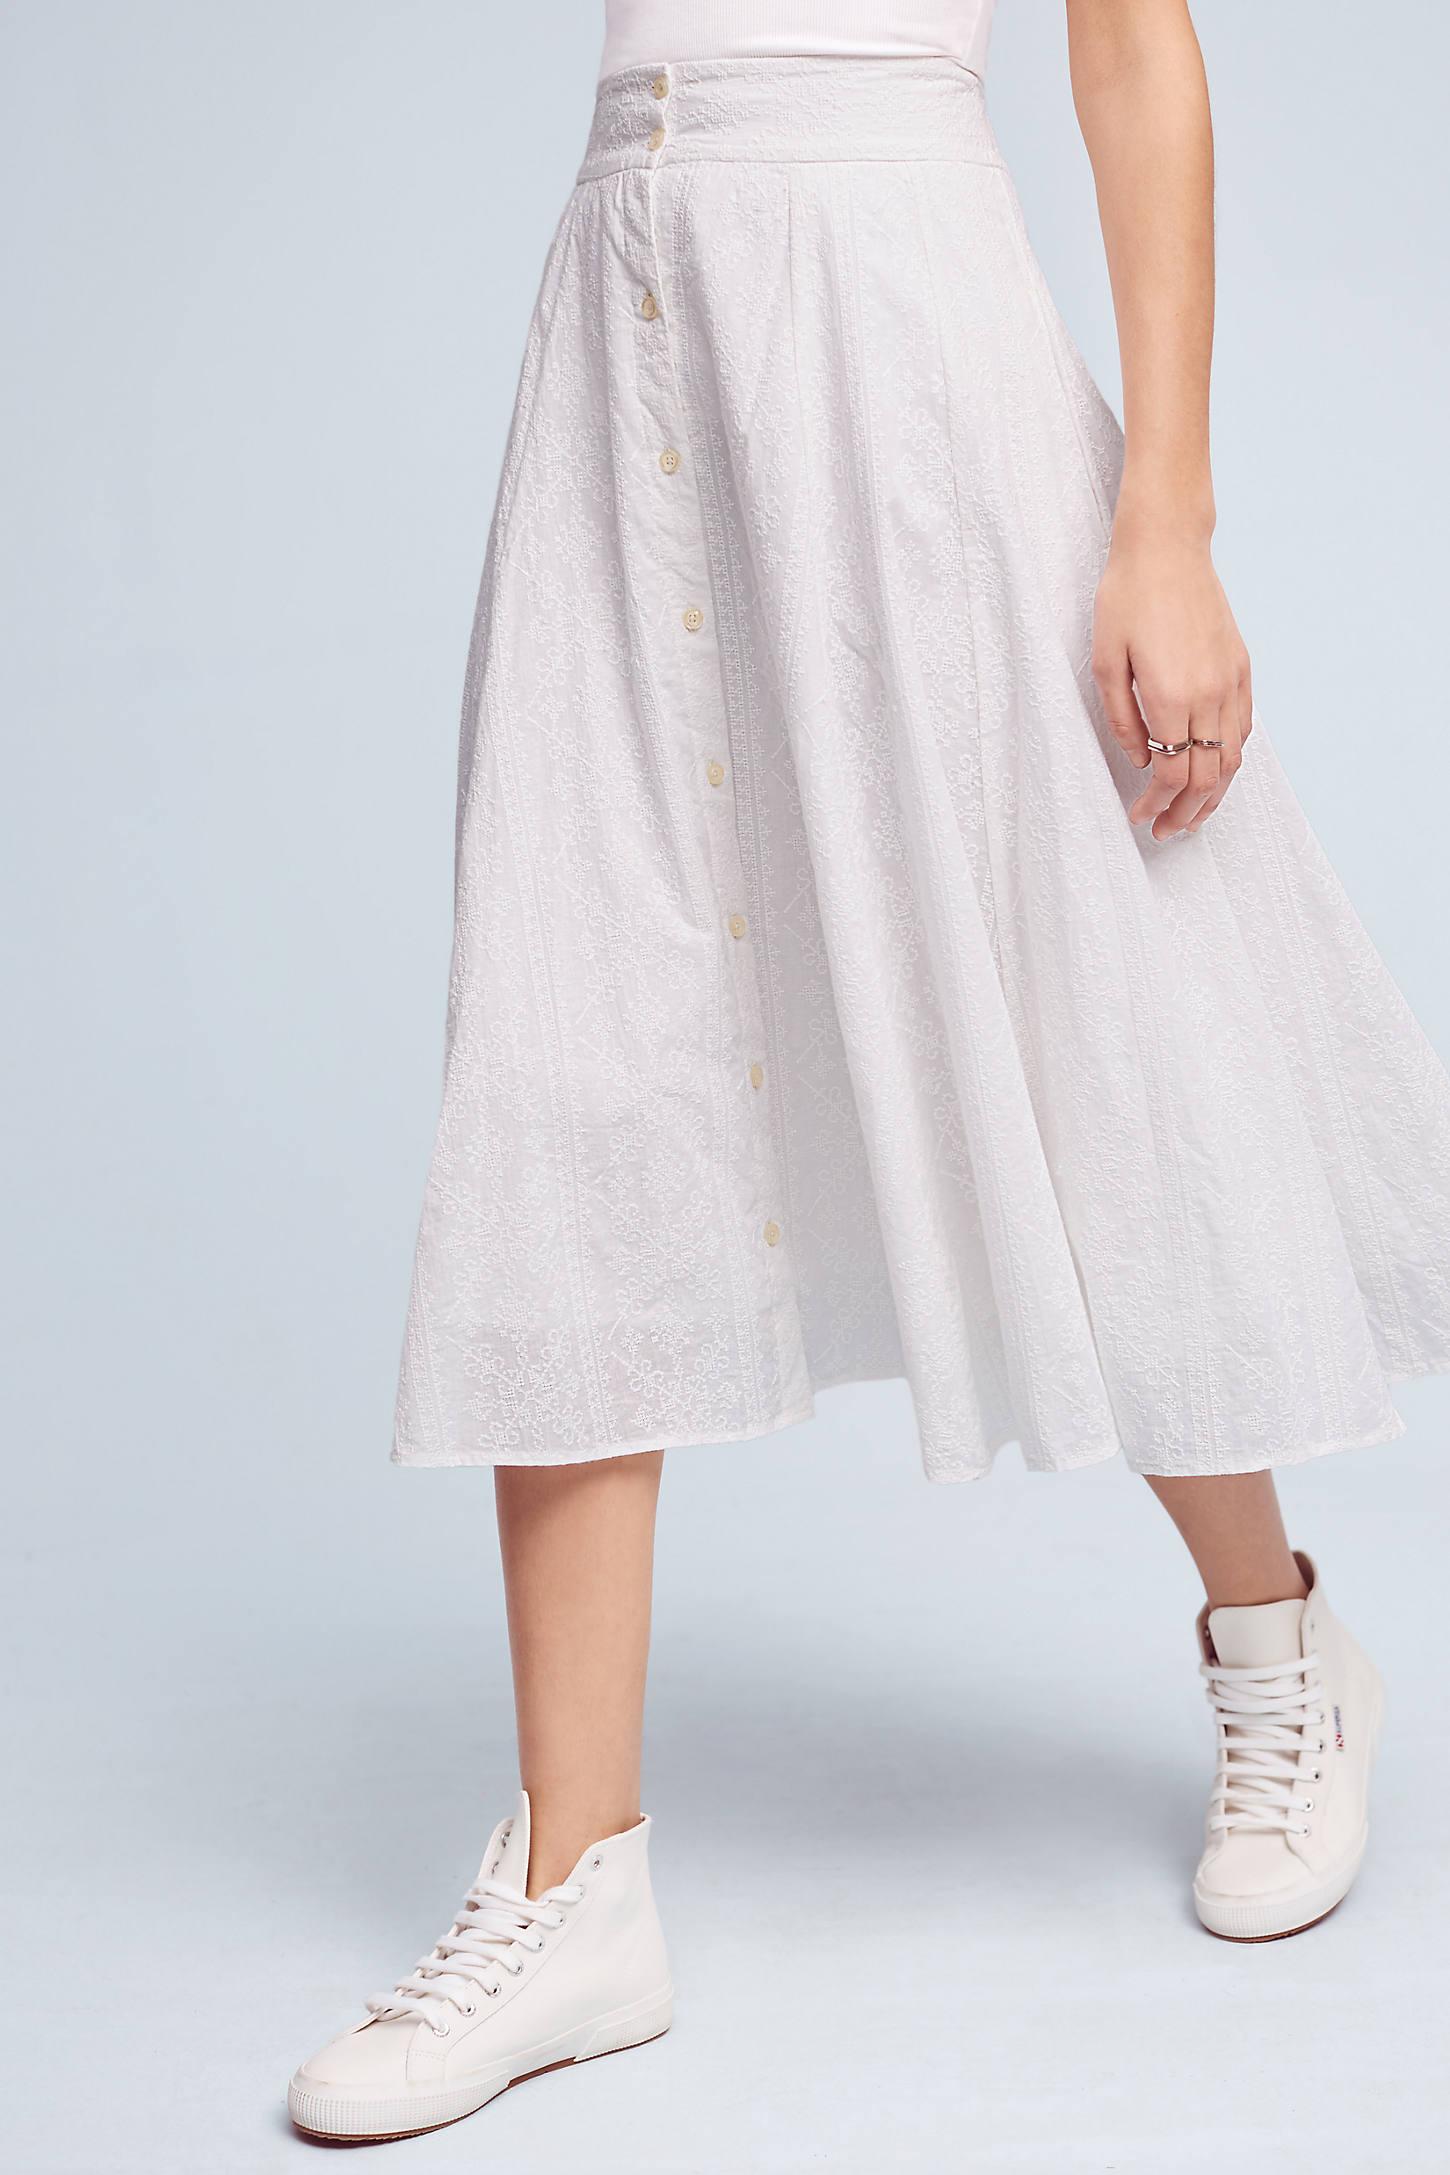 Cannes Midi Skirt